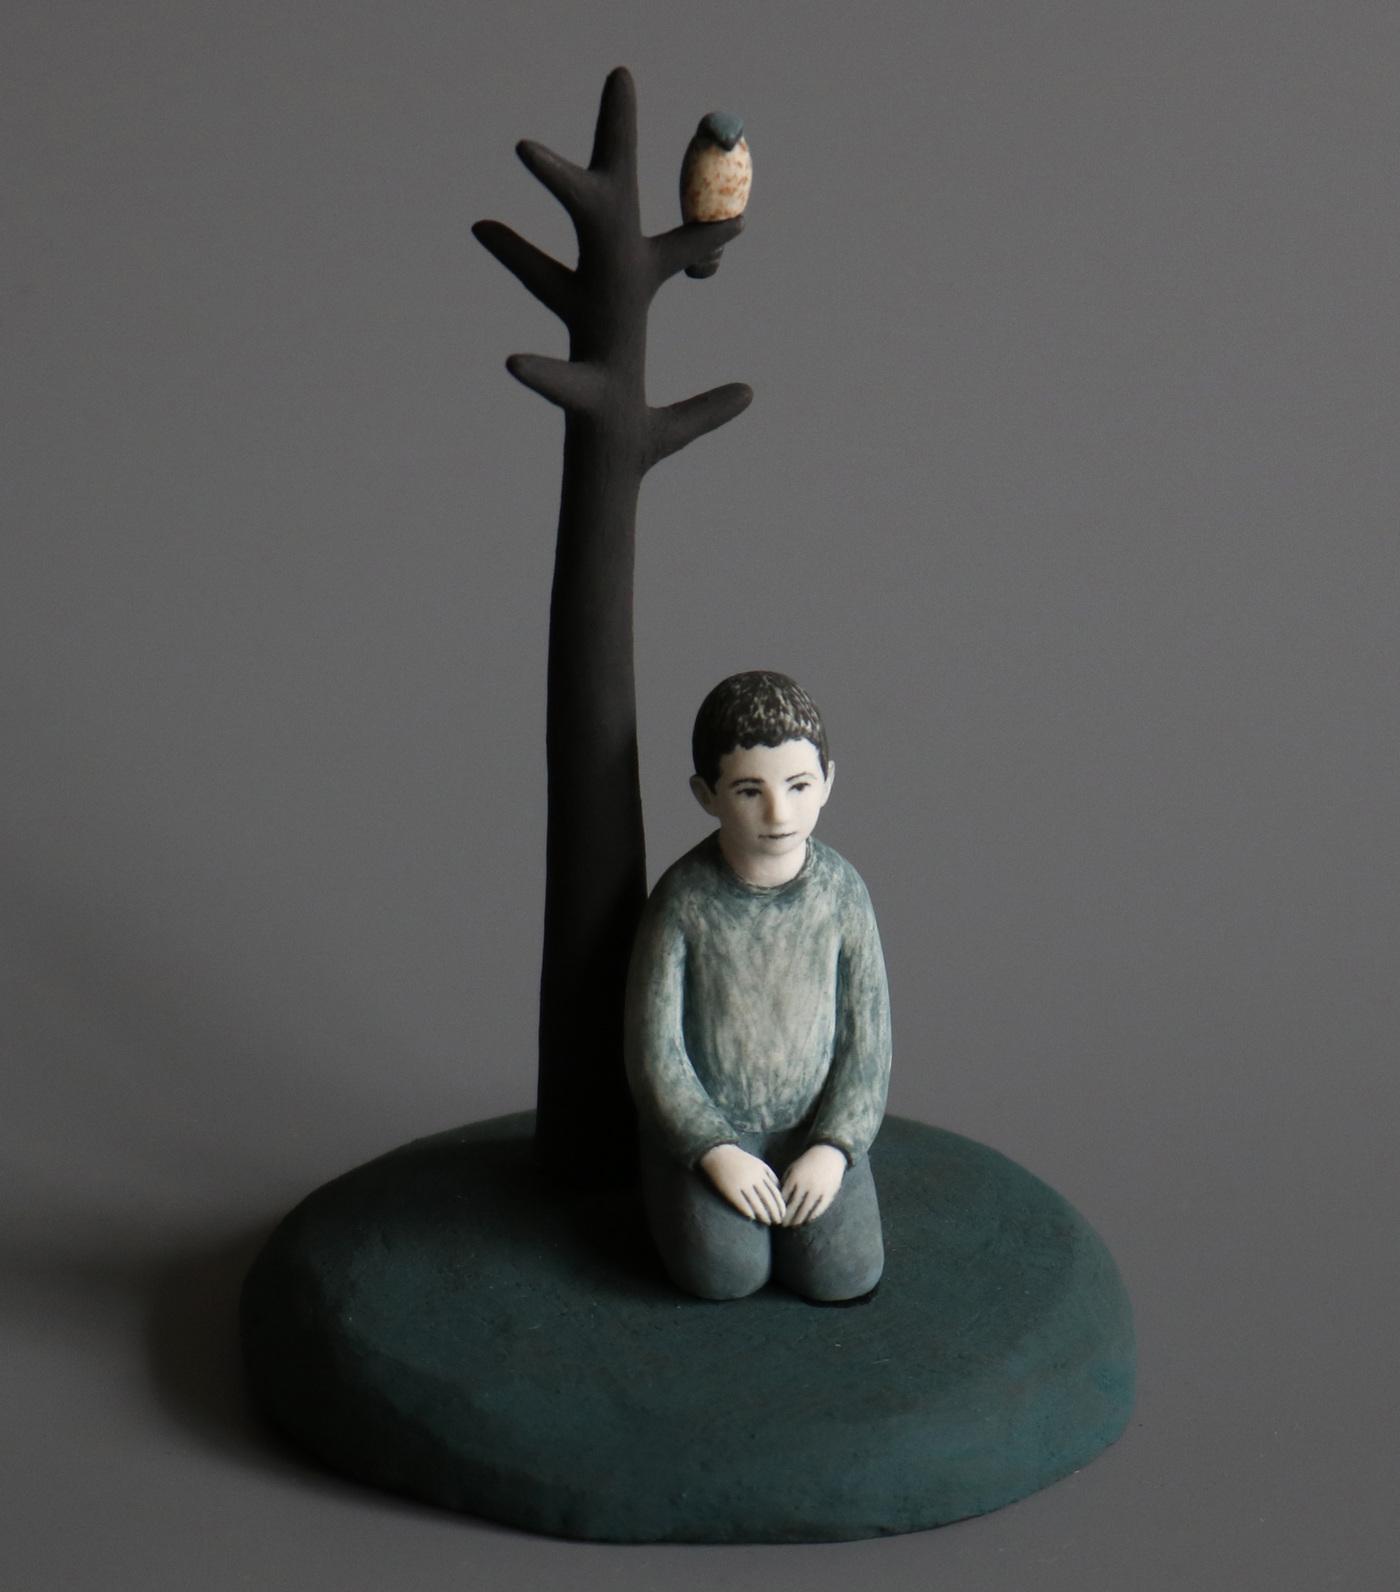 Lina Eriksson-keramikkonstnär - Boy and merlin. Porcelain. H:16cm